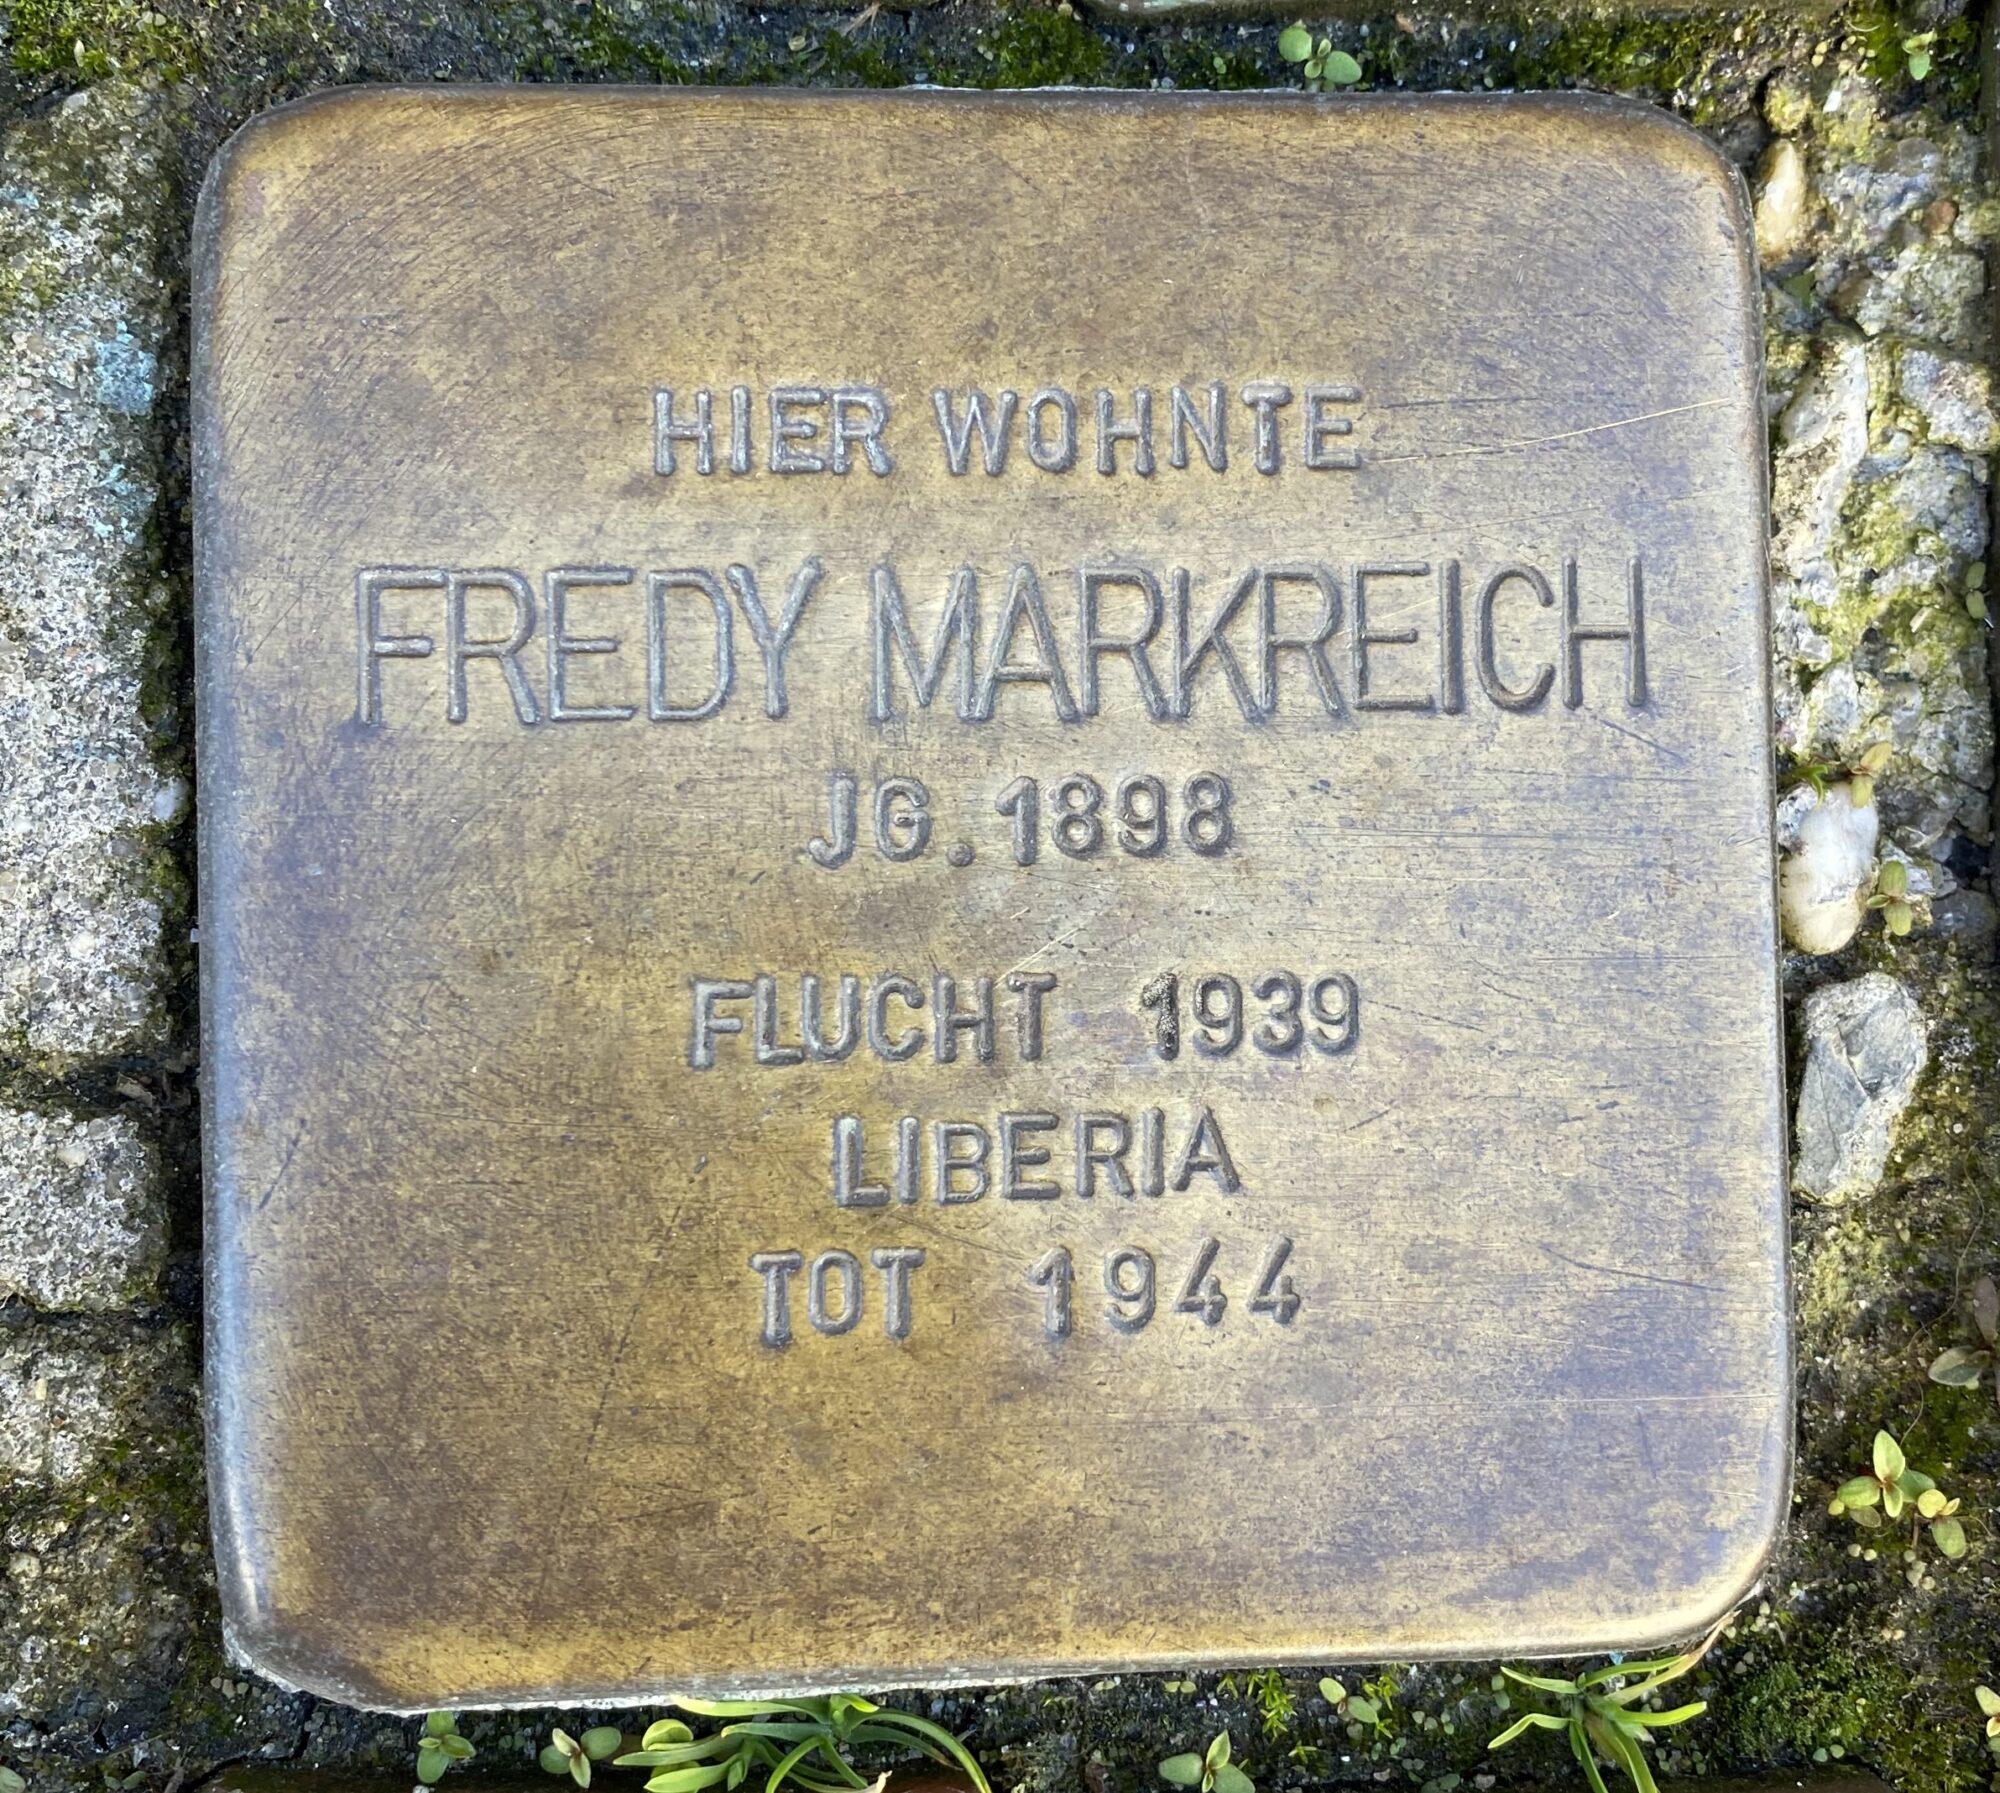 Markreichs Stolperstein mit seinem Geburtsjahr, seiner Flucht und seinem Todesjahr